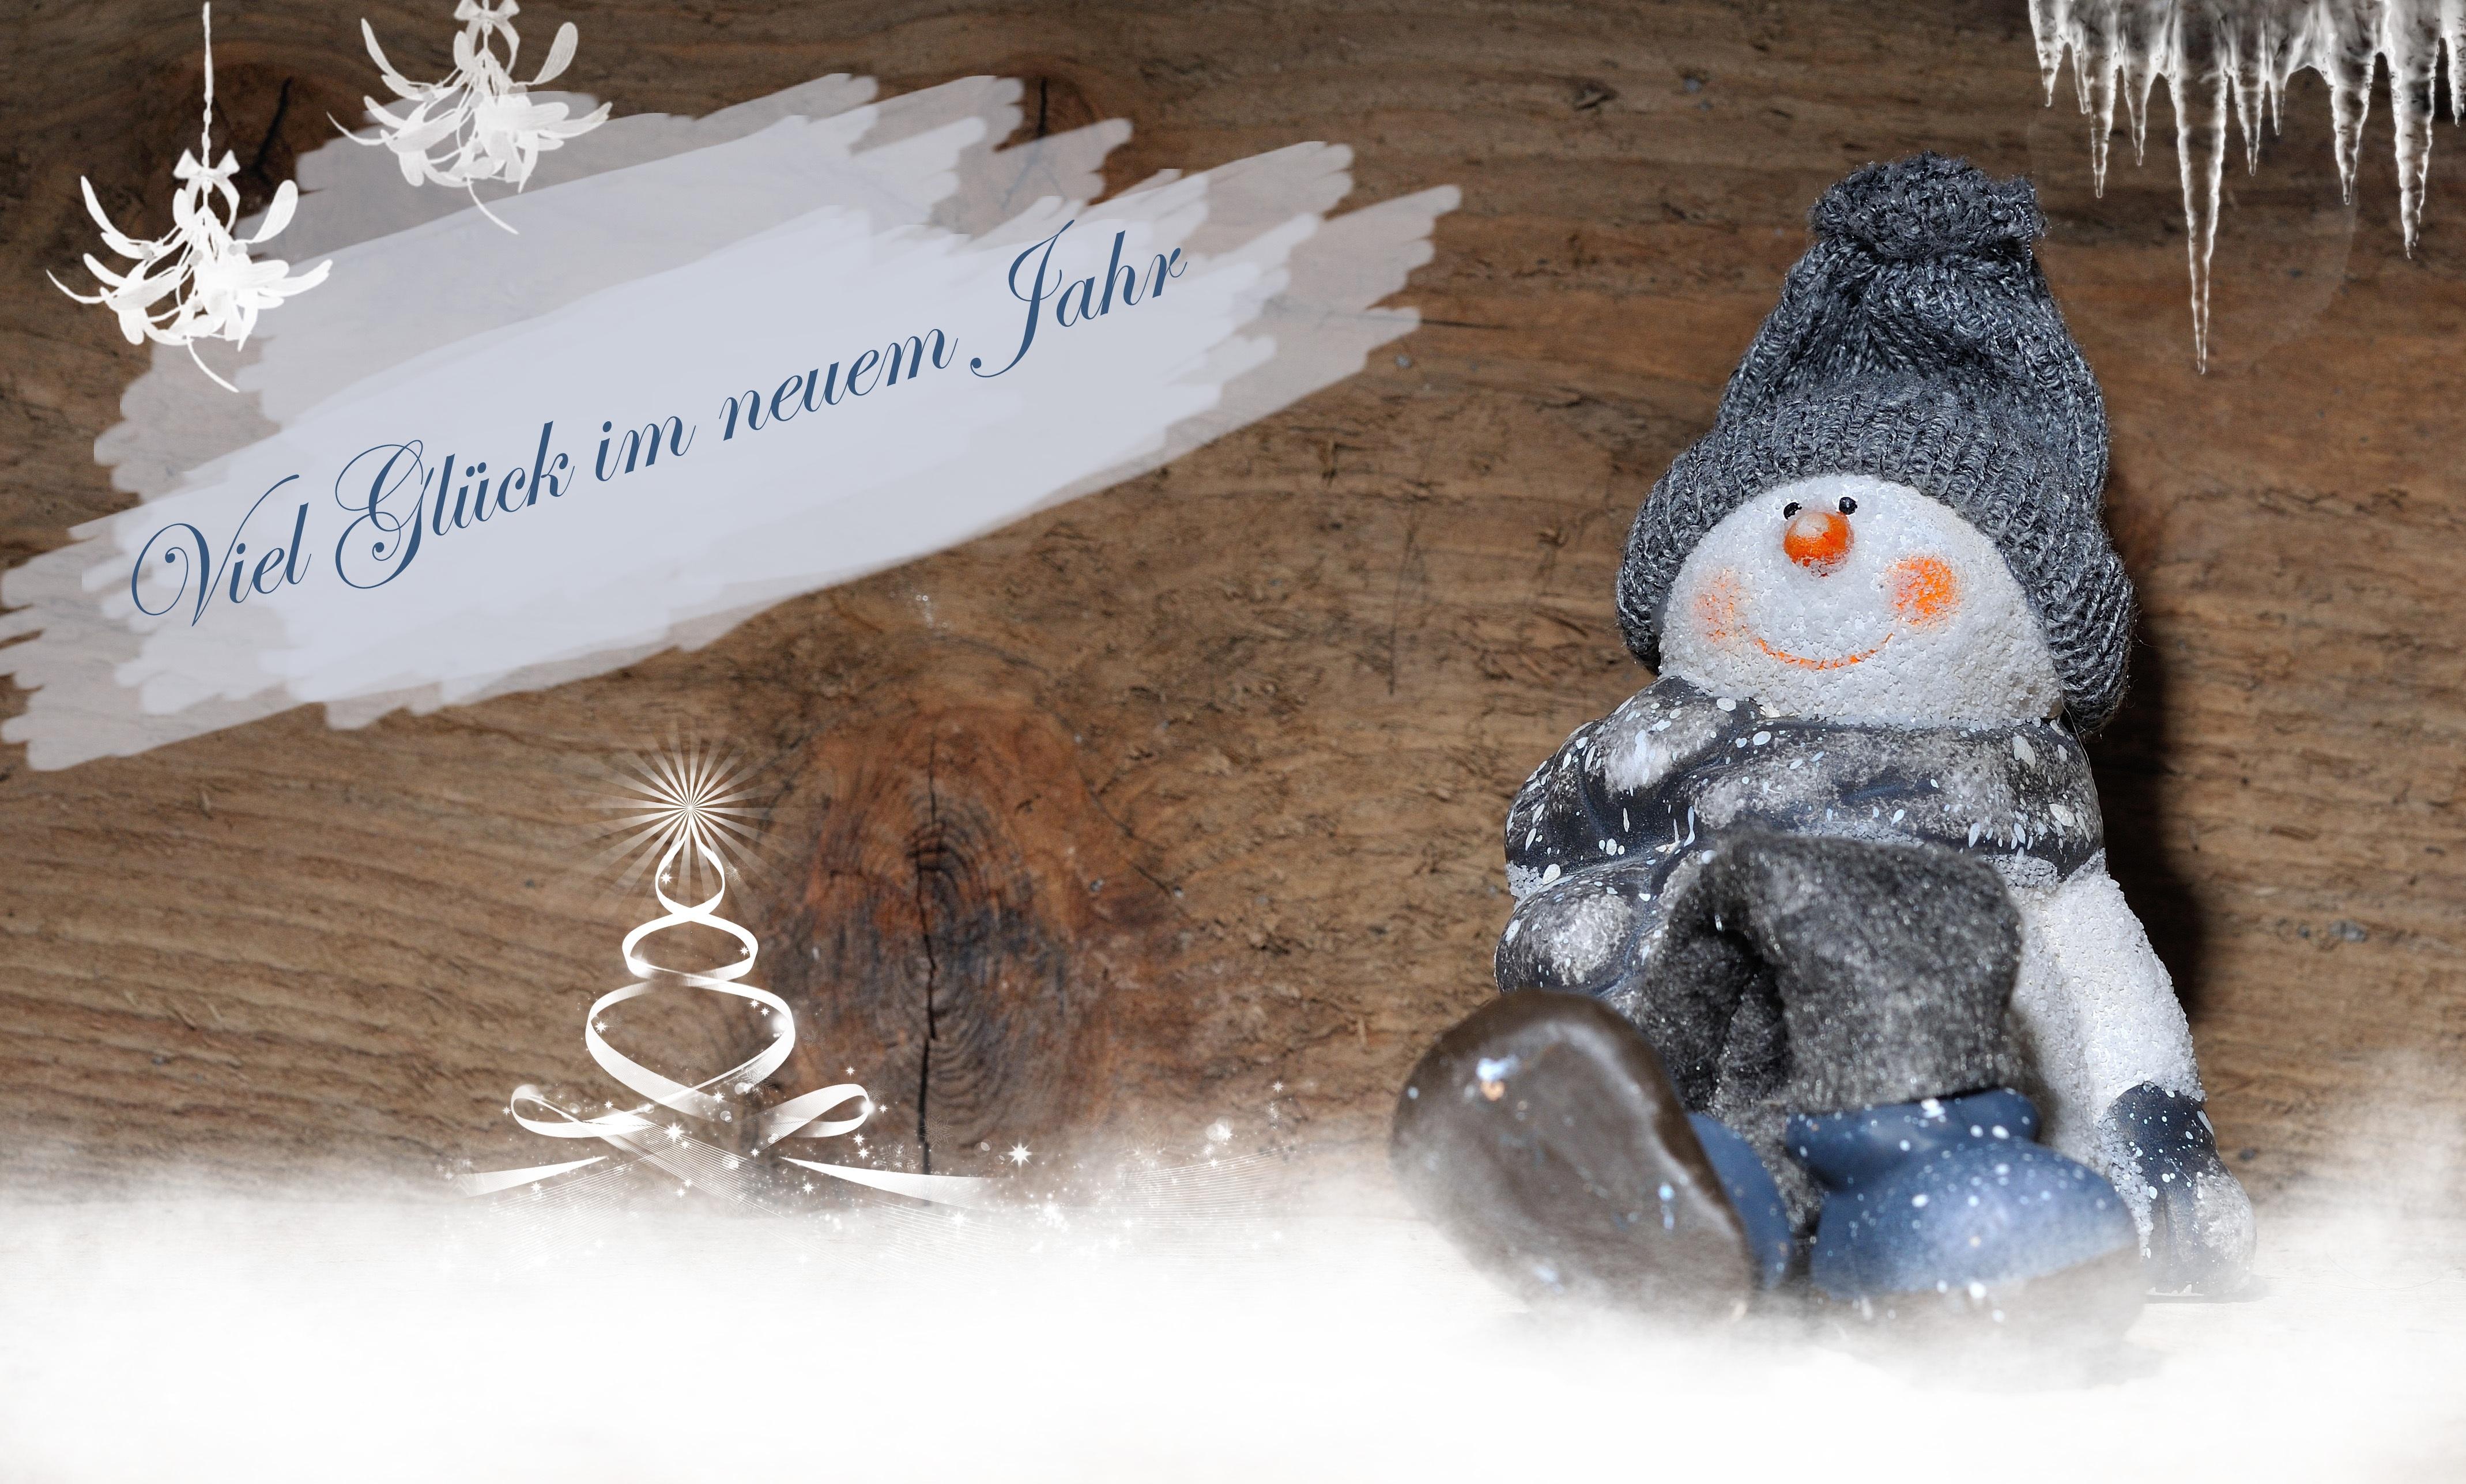 gefeliciteerd sneeuw Gratis Afbeeldingen : winter, hout, wit, blauw, Kerstmis  gefeliciteerd sneeuw